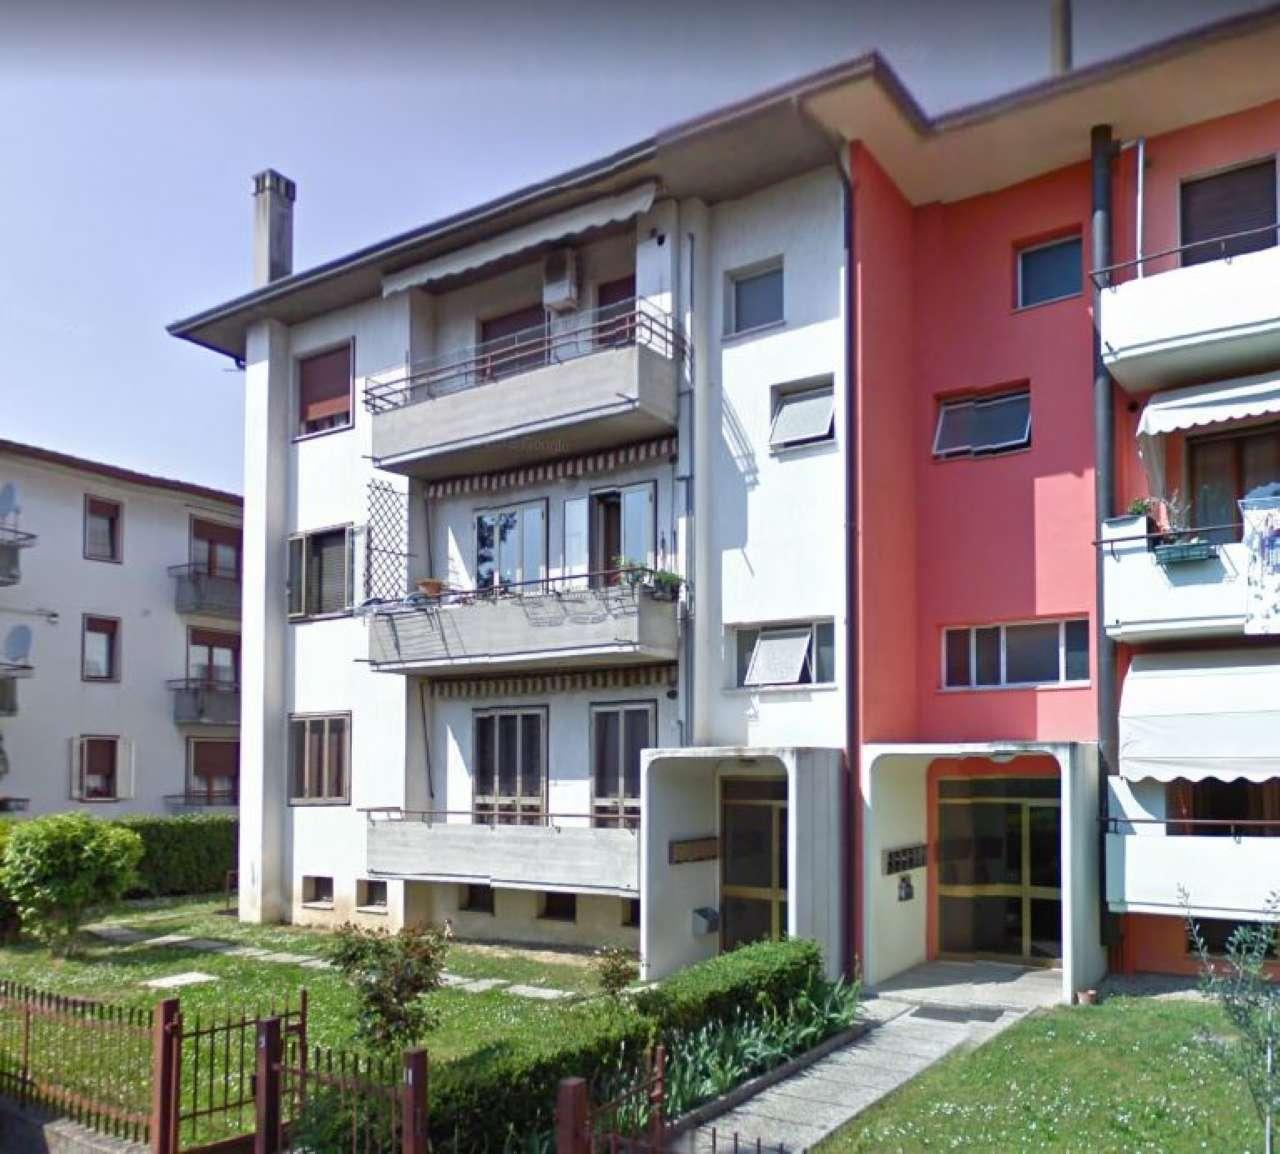 Appartamento in vendita a Quinto di Treviso, 9999 locali, prezzo € 90.000 | CambioCasa.it